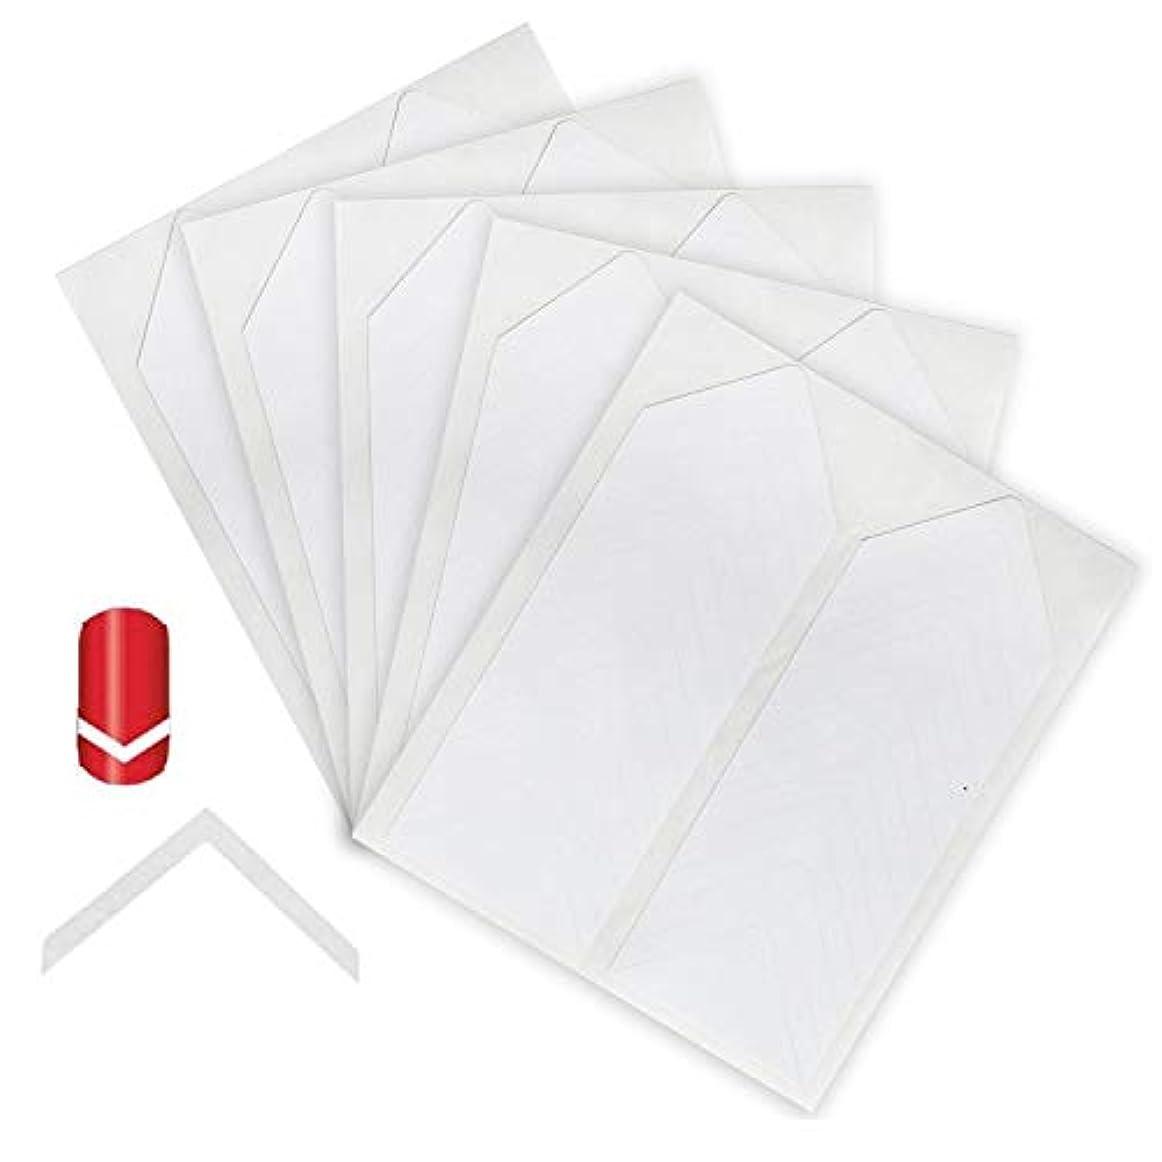 空白家禽証人130pcsプロフェッショナルネイルアートサロン品質アメージングバリュー5セットシェブロンのホワイトガイドステッカー/ストリップ/フレンチネイルマニキュアとラインデザイン/パターンアプリケーションの三角形